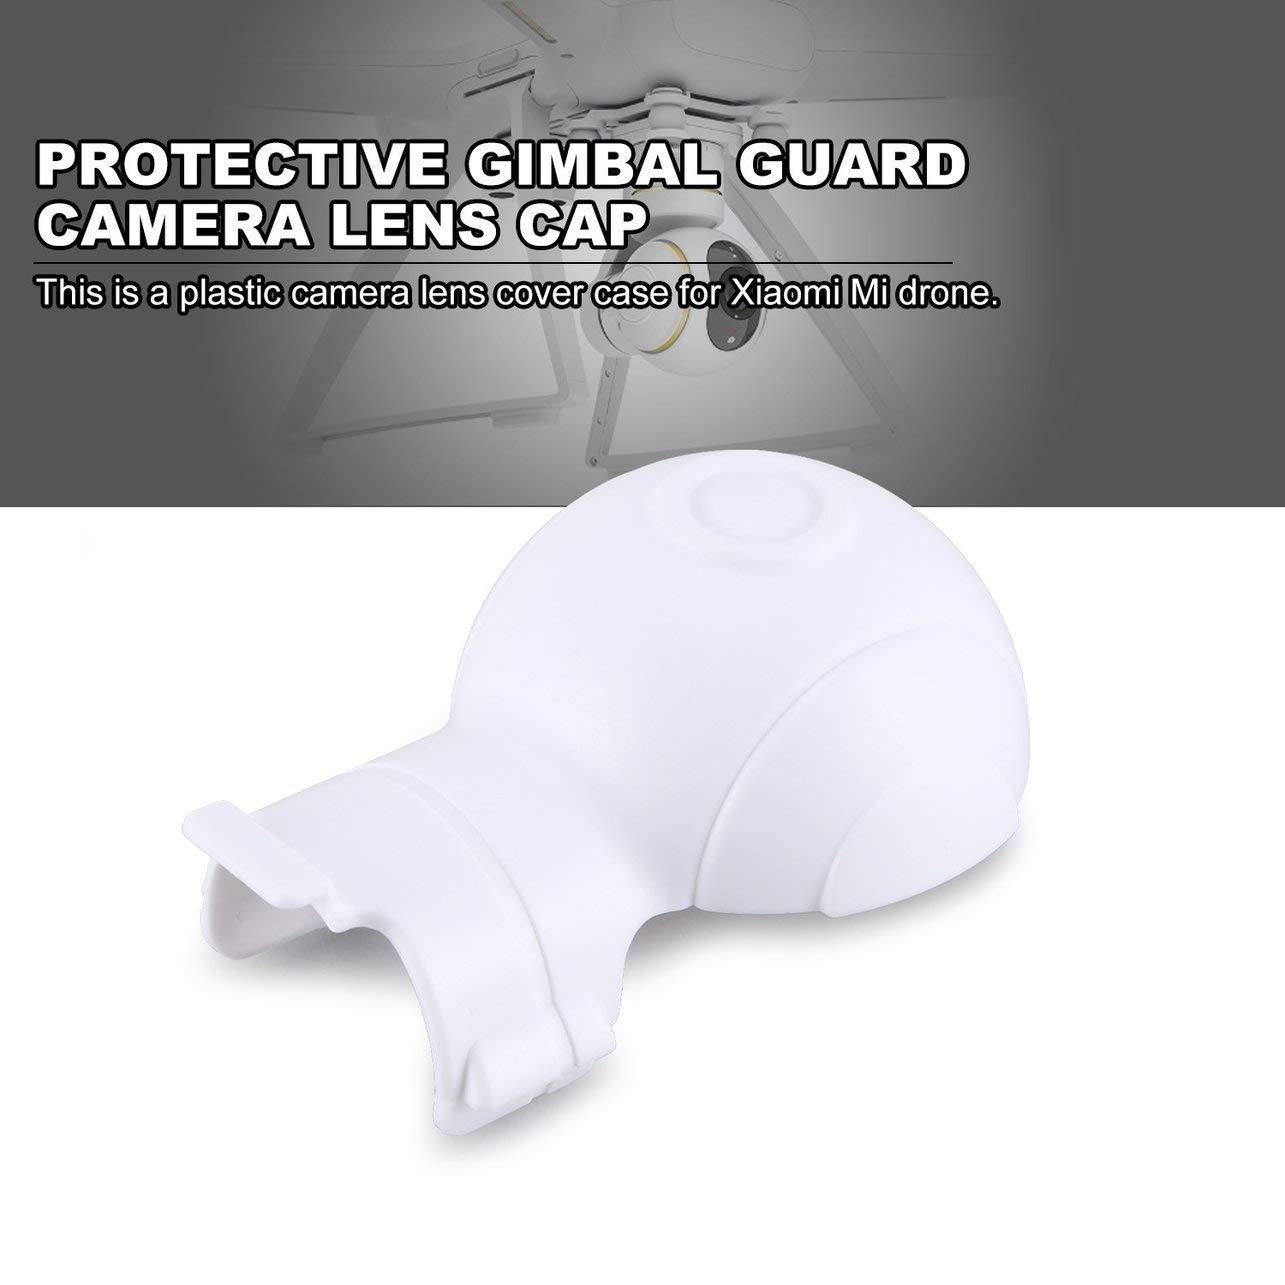 WOSOSYEYO Cámara Drone RC Protector de plástico Gimbal Guard Lente ...